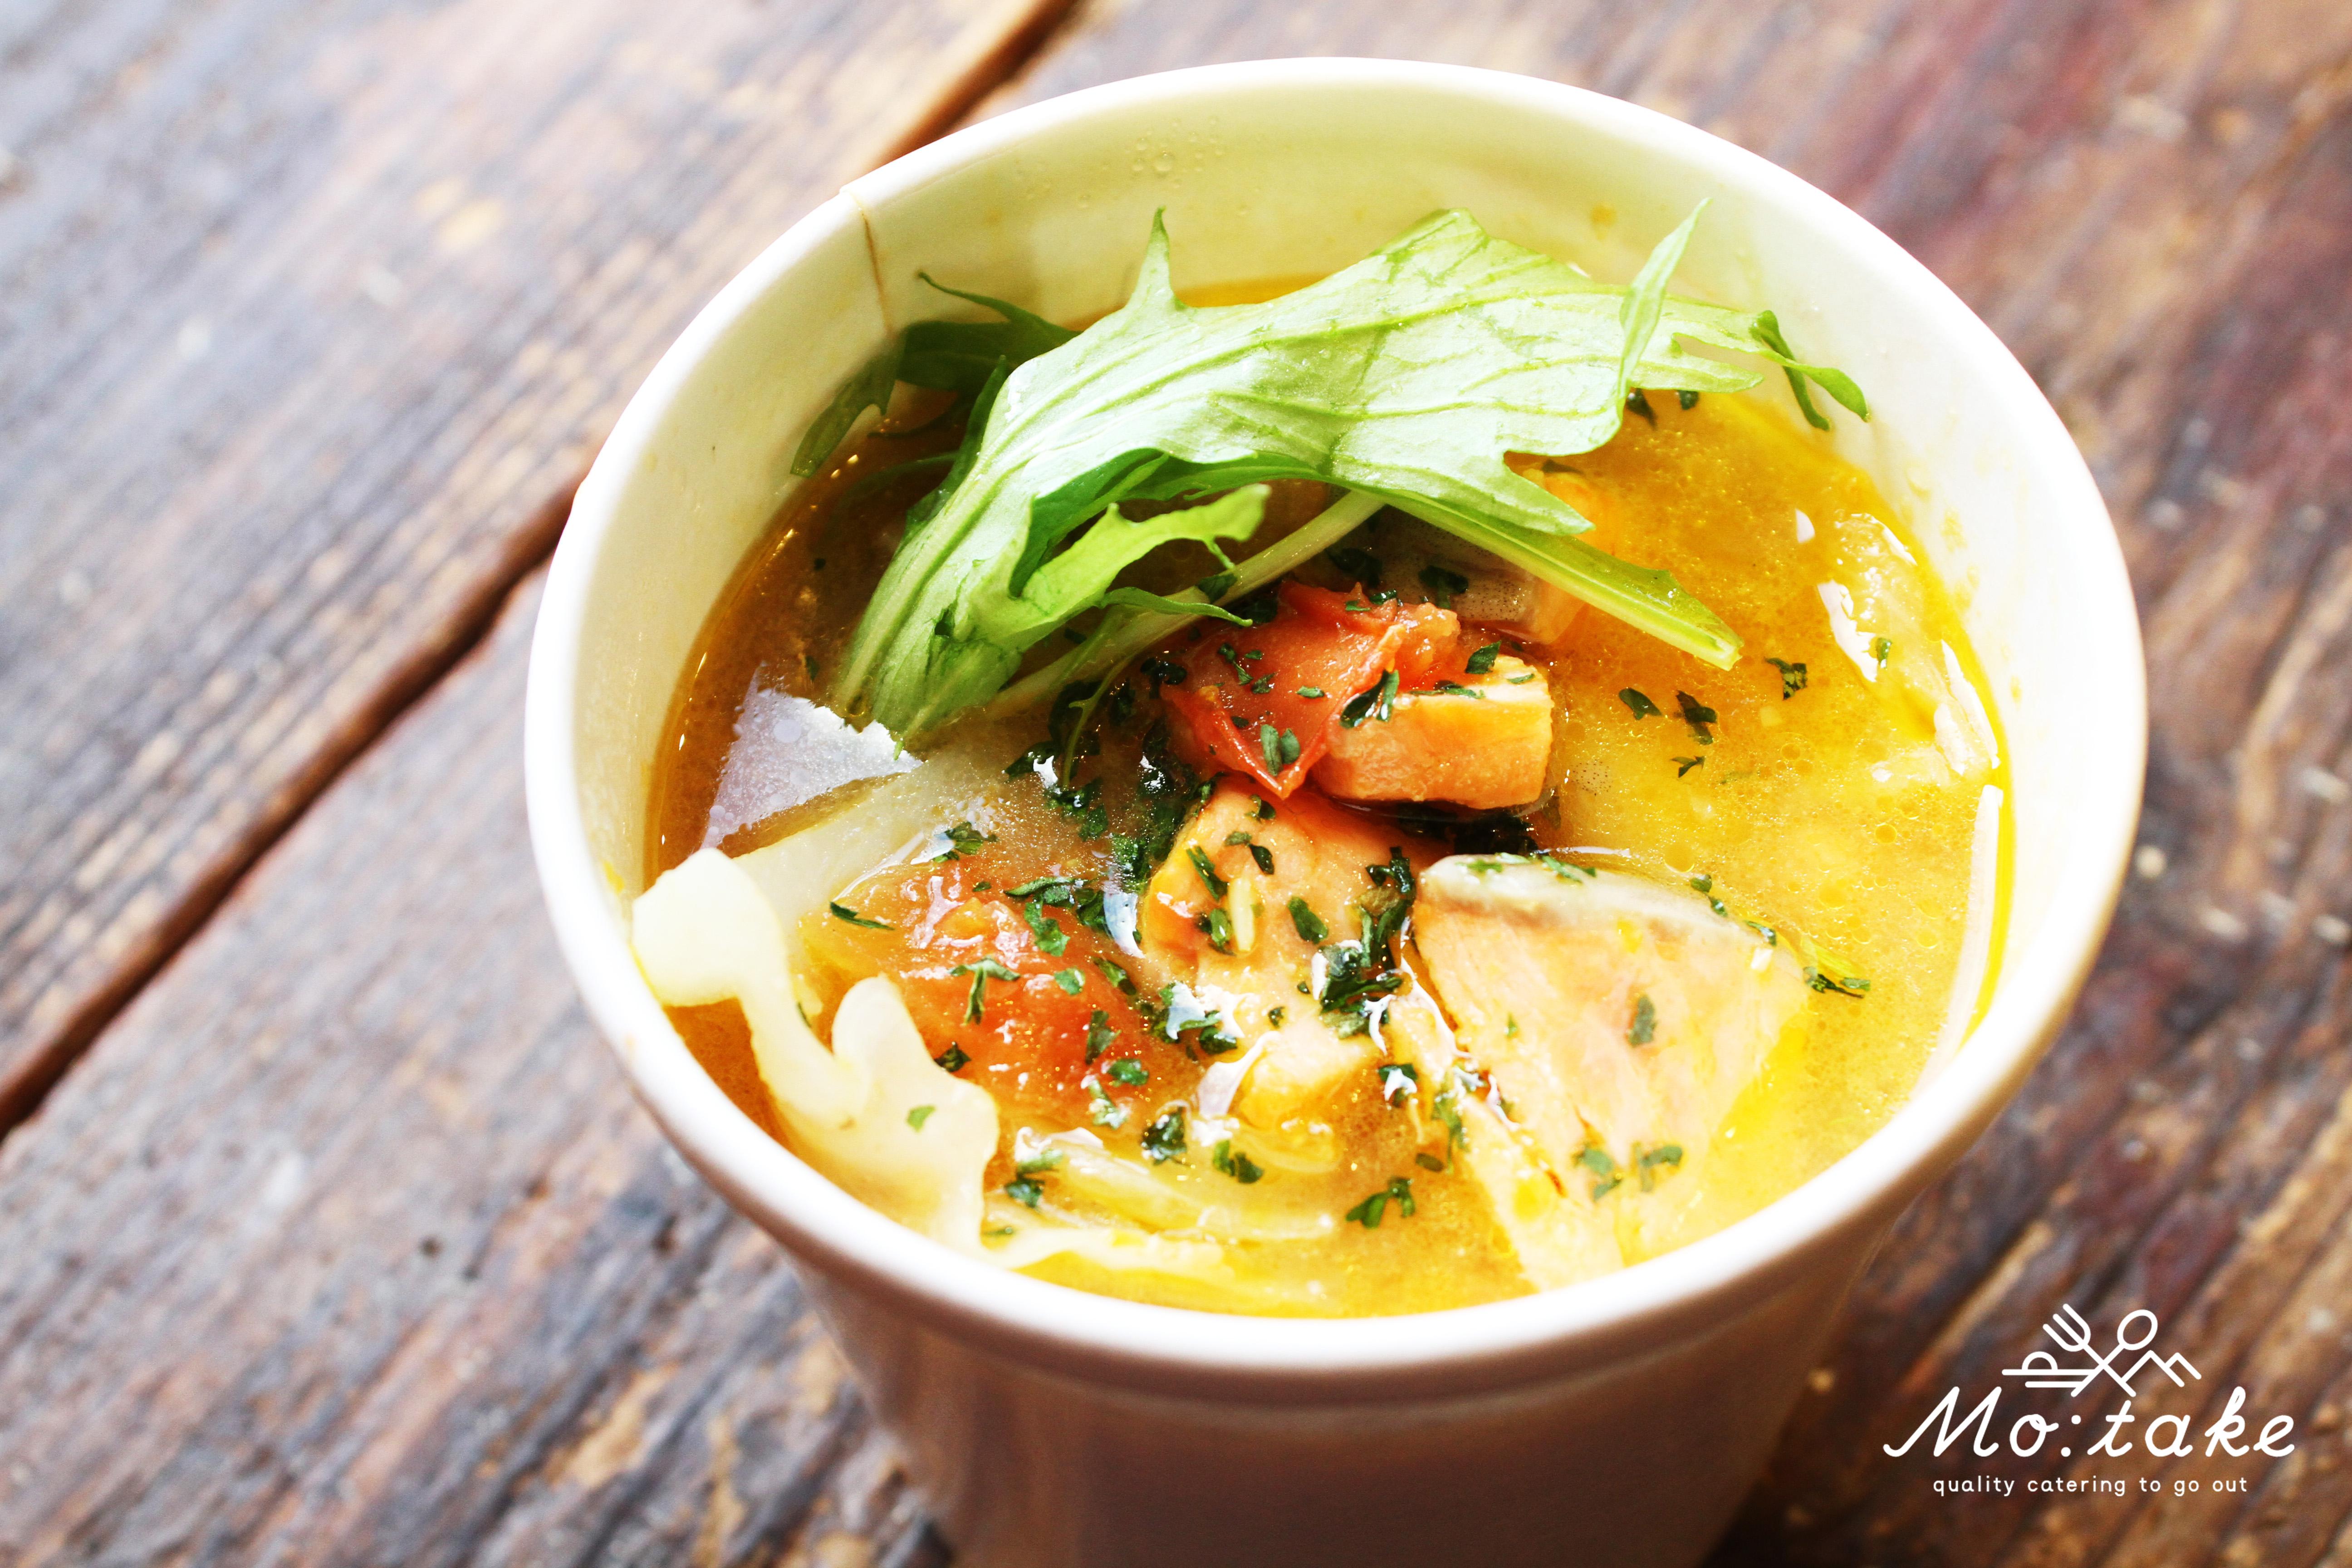 FISHERMAN JAPAN × Mo:take 特製鍋 ~ブイヤベース風~鍋スープ